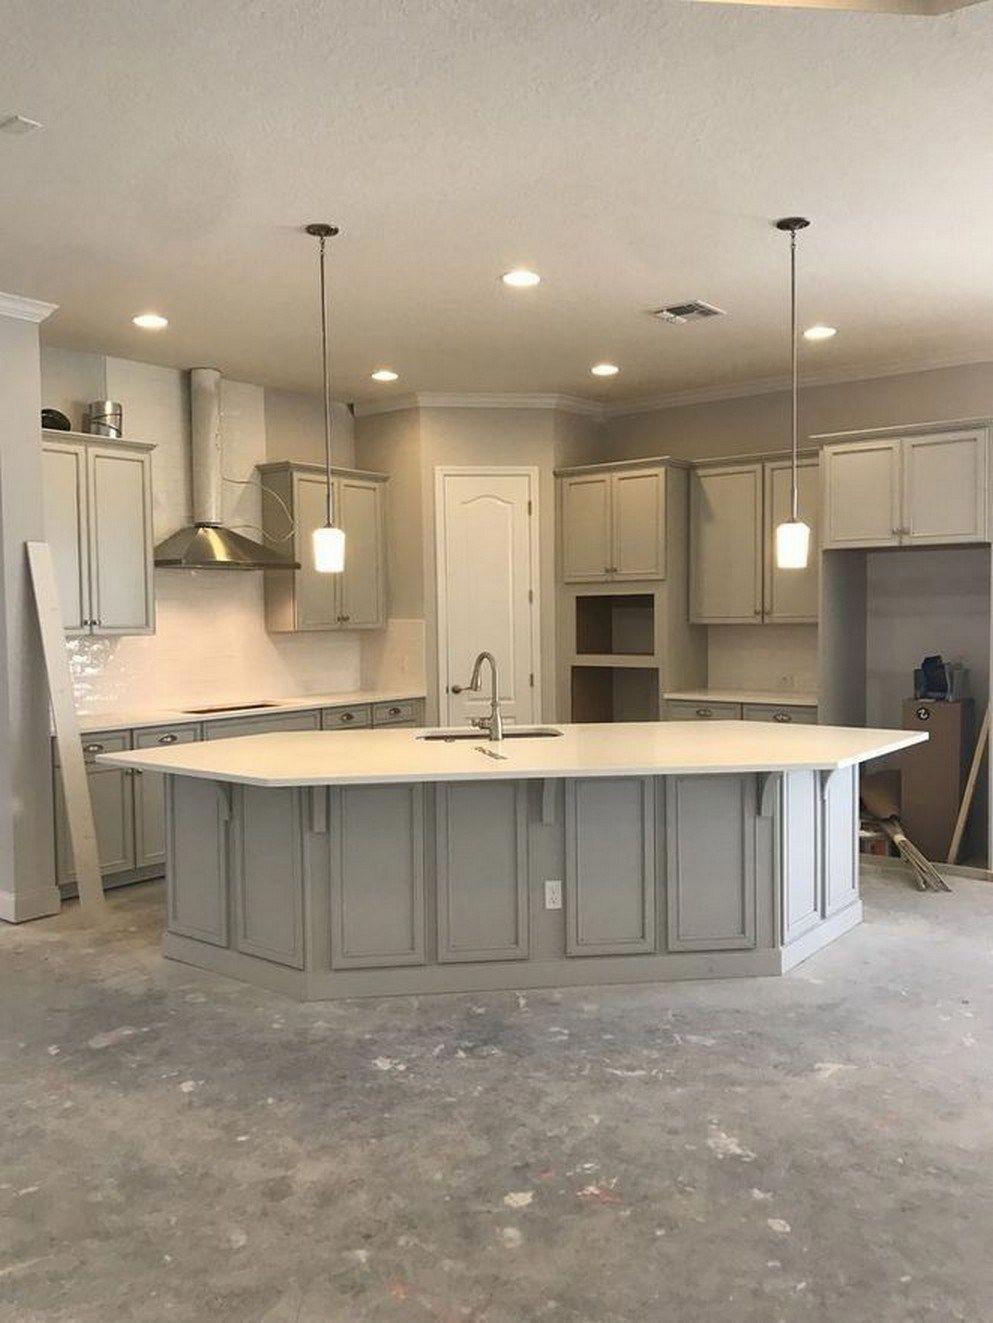 Decorative Birdhouses In 2020 Kitchen Layout Diy Kitchen